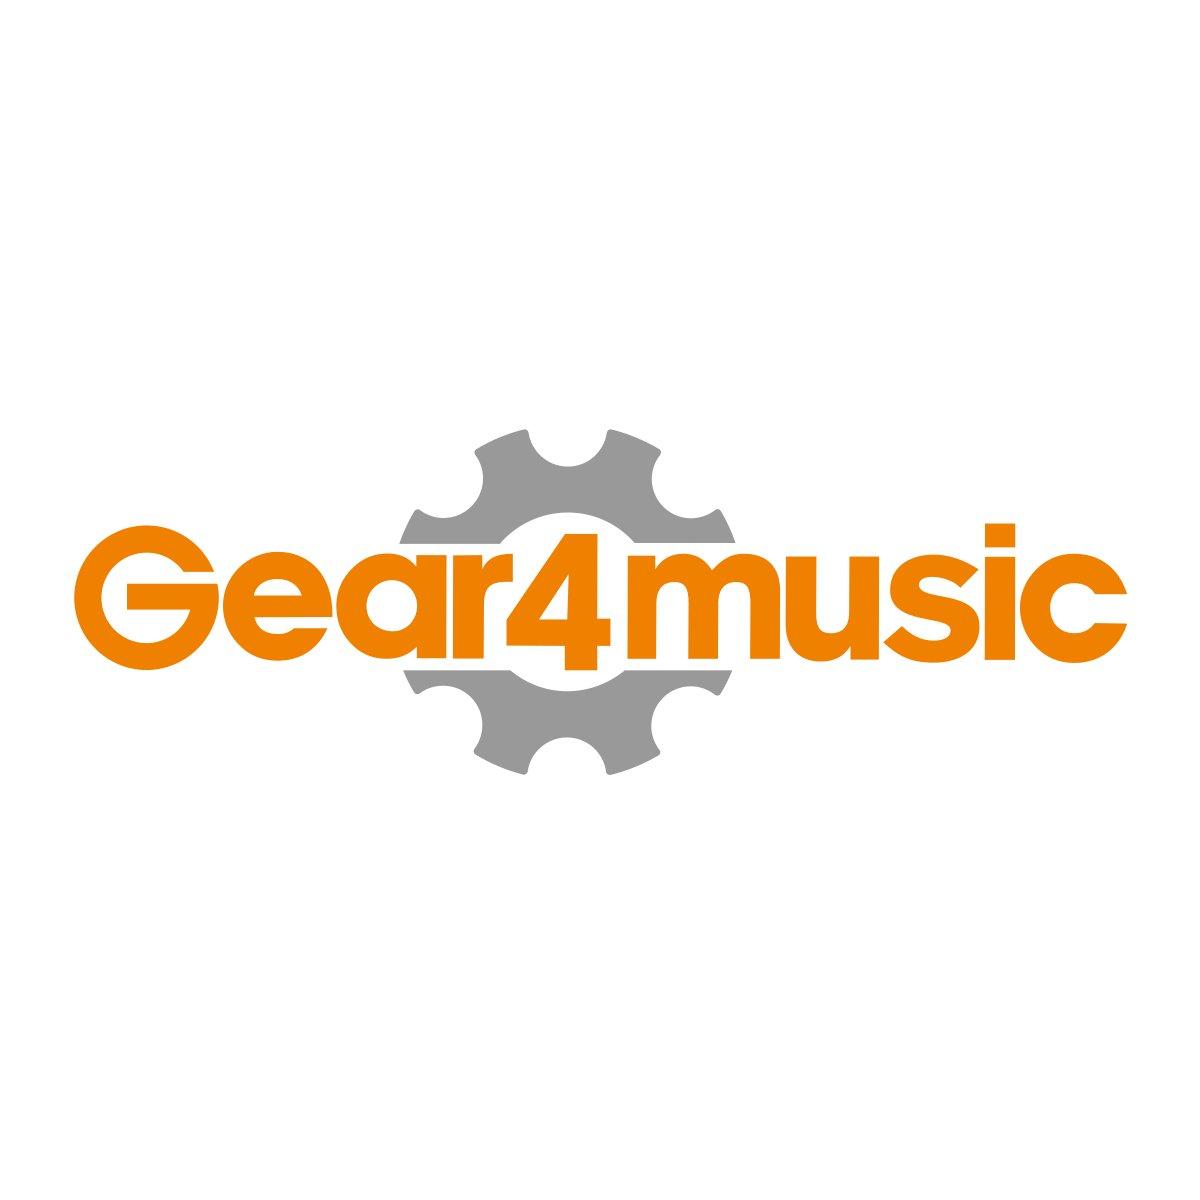 3/4 LA Linkshandige Elektrische Gitaar van Gear4music, Zwart